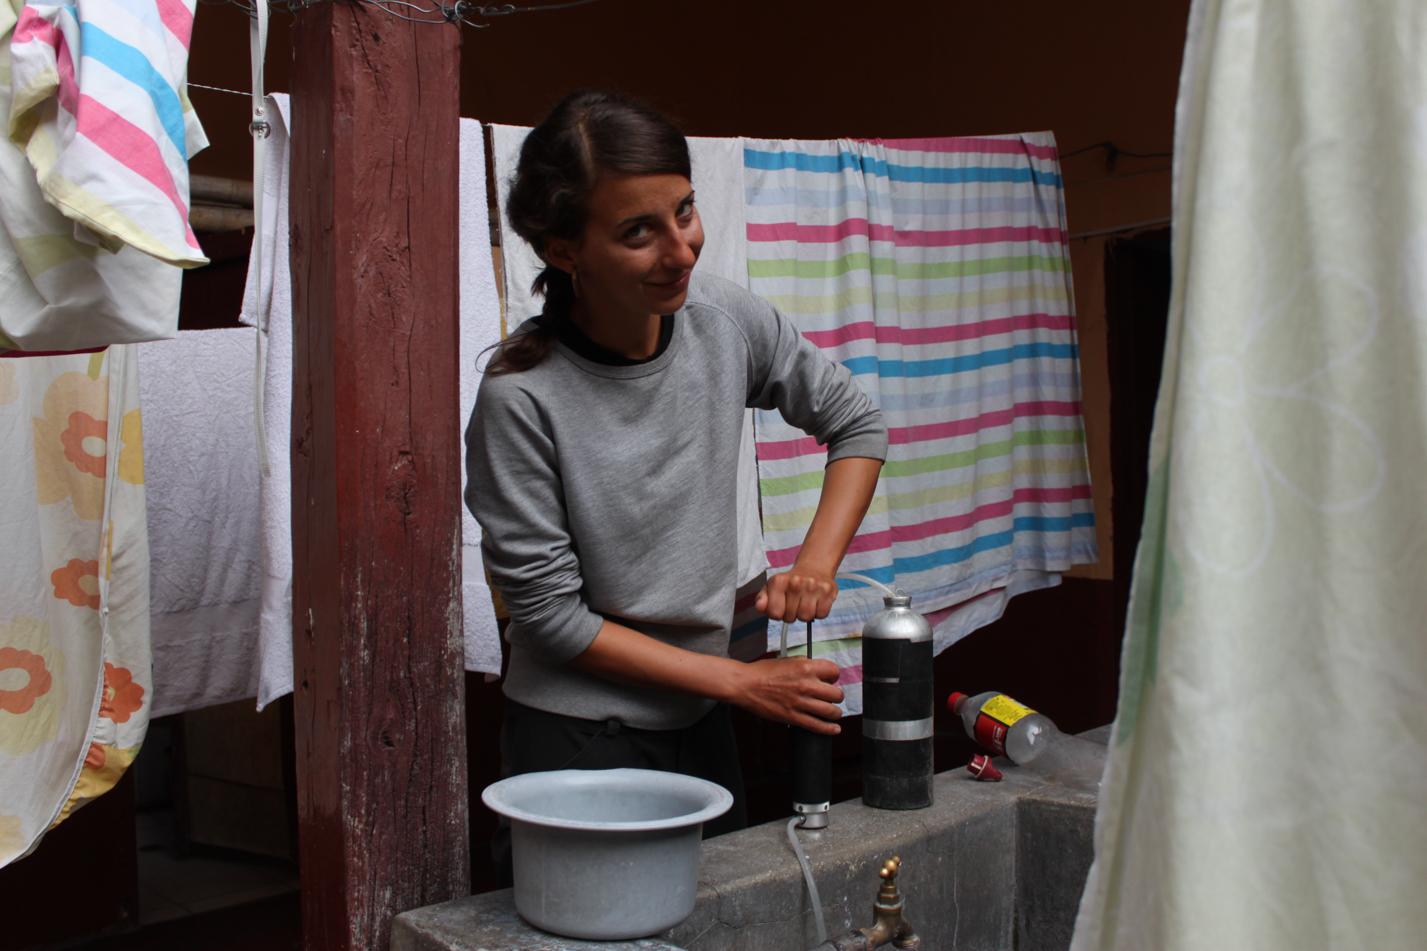 Wasser filtern ist eine unserer täglichen Aufgaben.